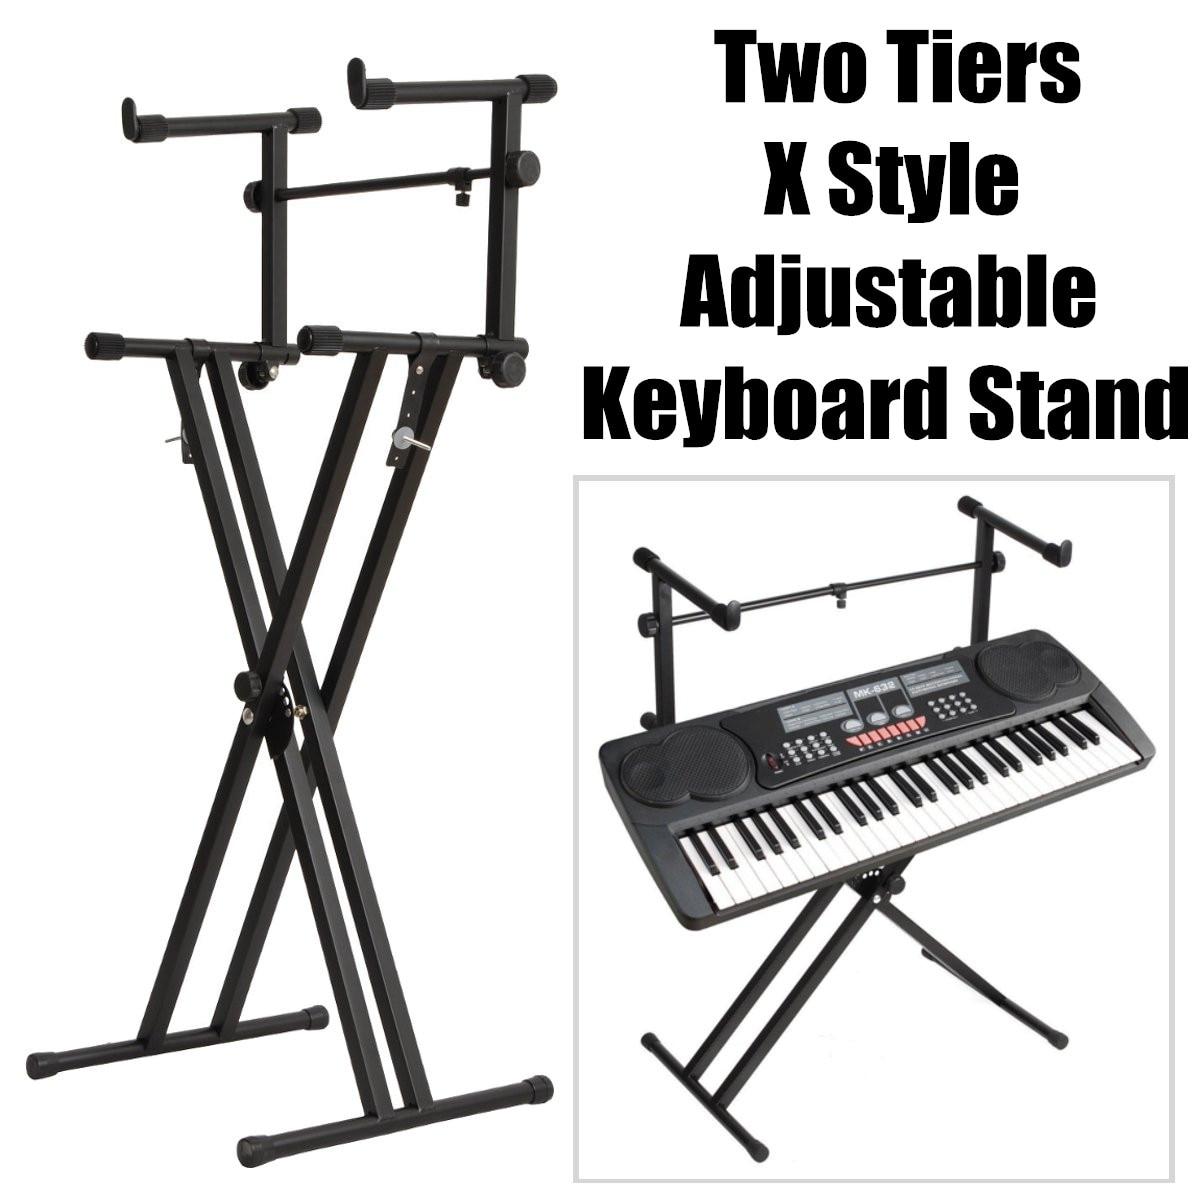 2-niveaux X Style double support de clavier réglable musique électronique support de Piano clavier de musique Instrument accessoires pièces